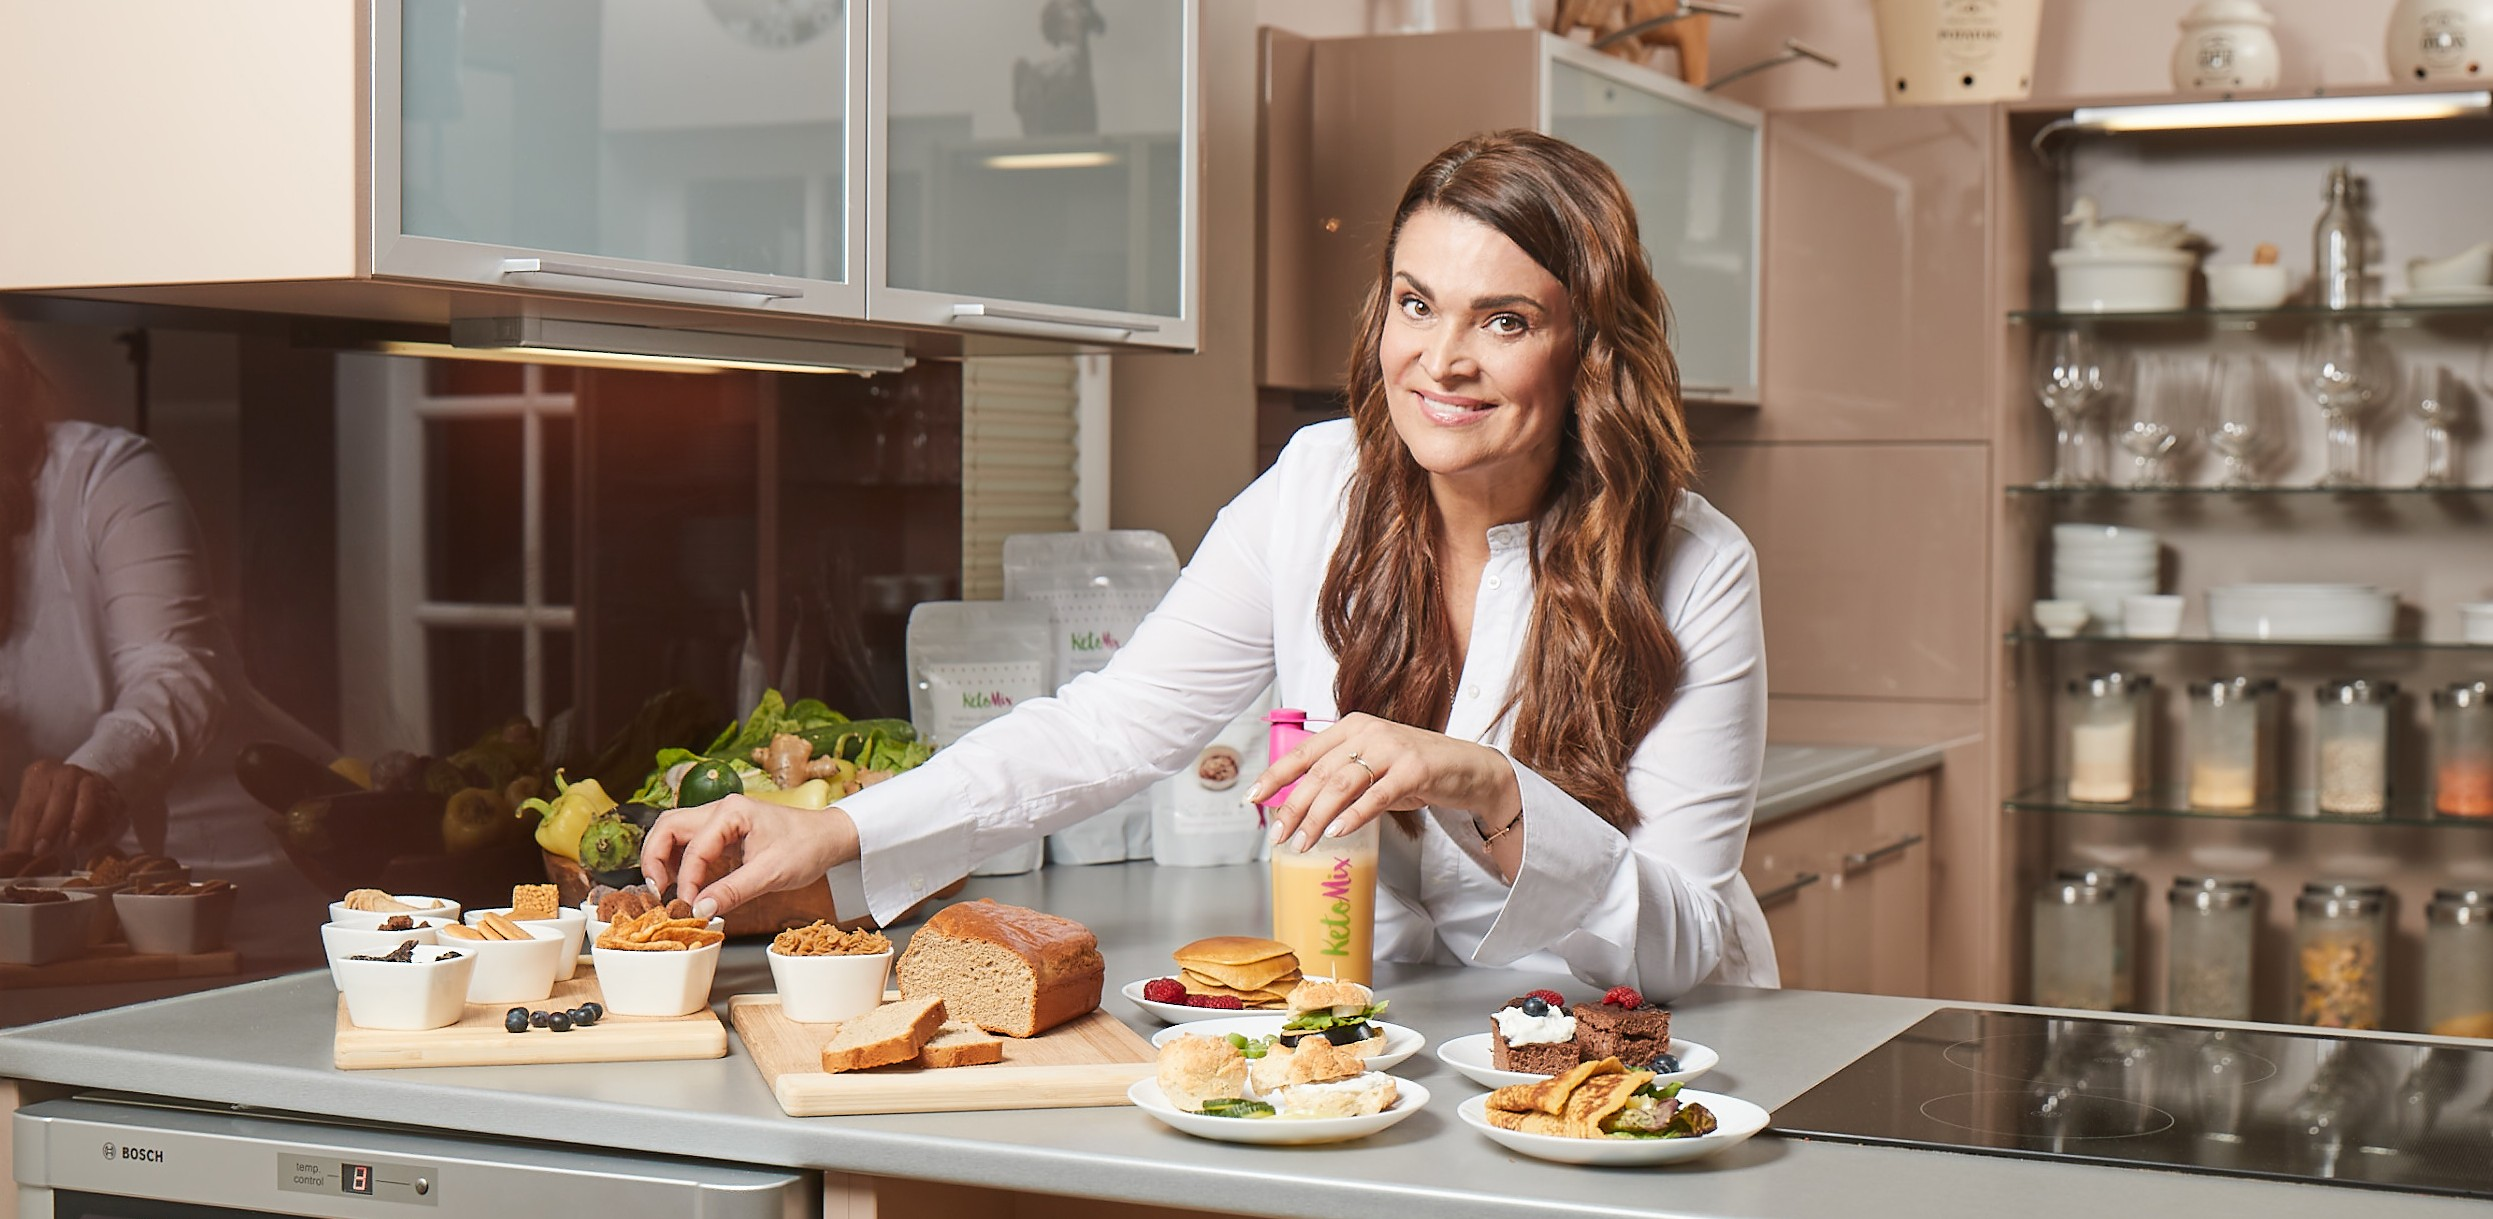 Mahulena Bočanová se zamilovala do KetoMix diety